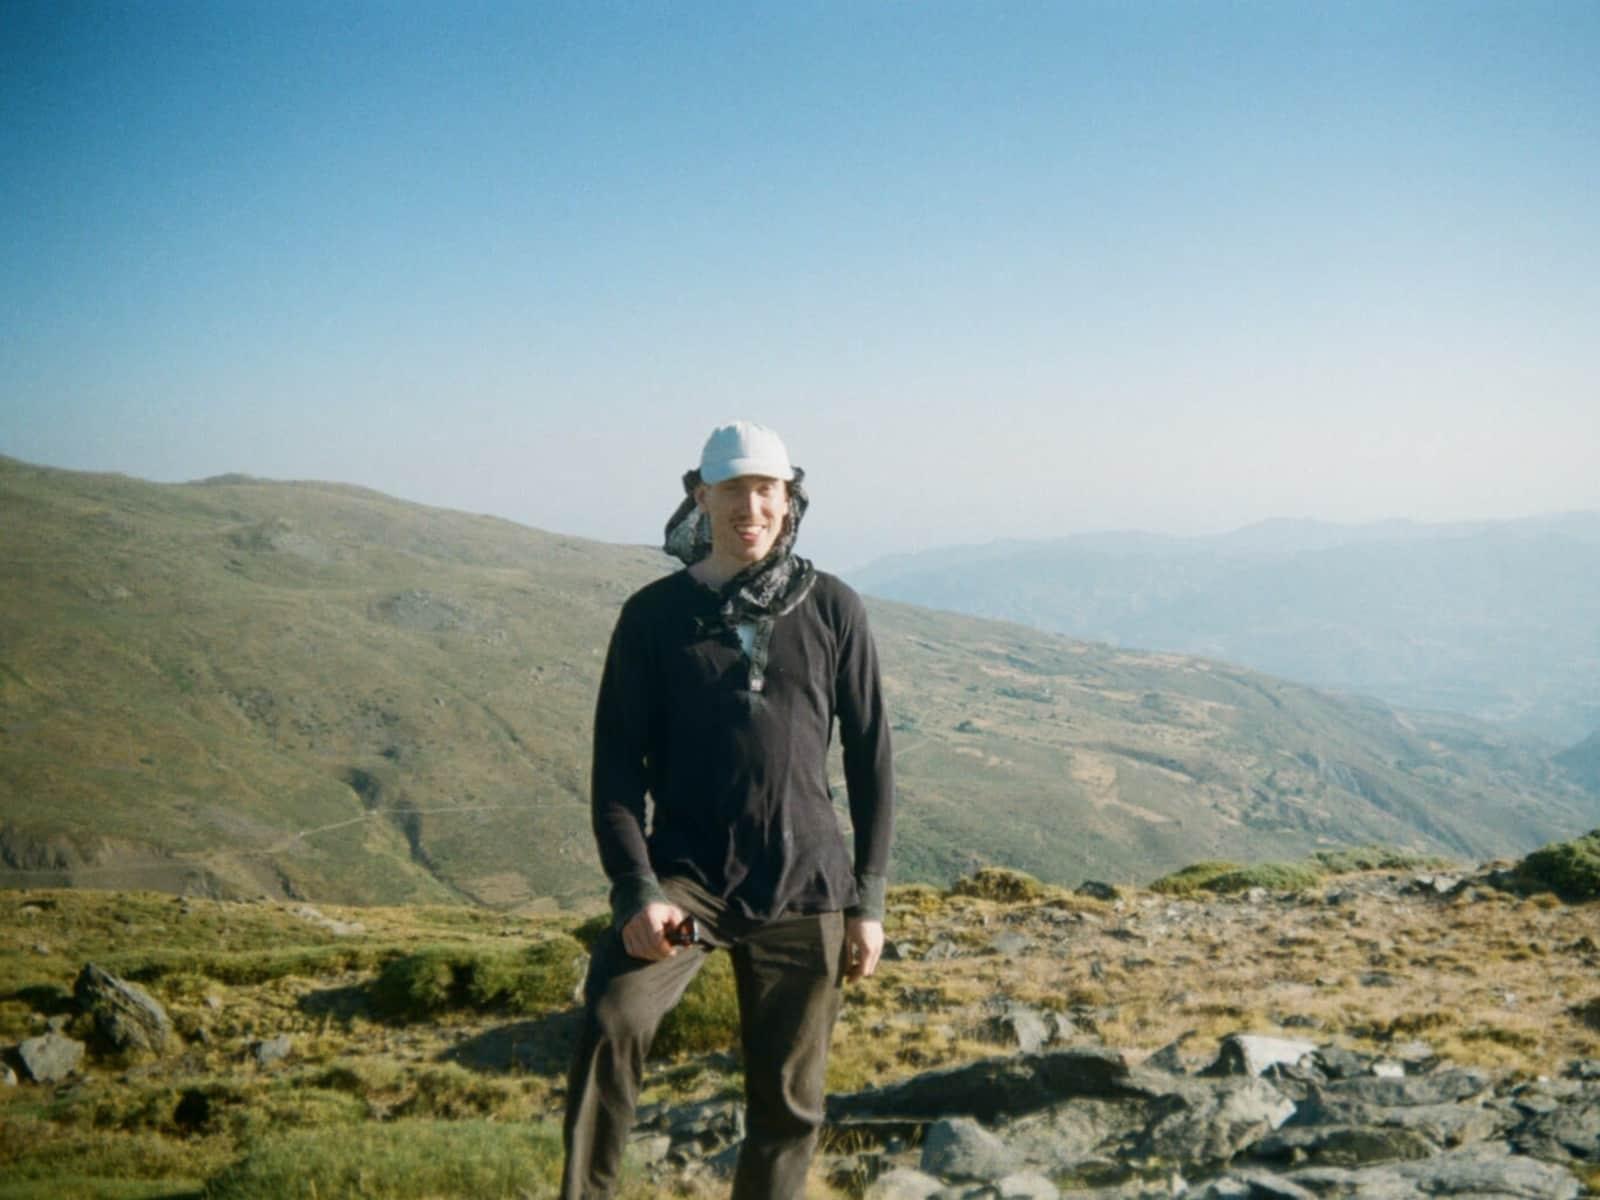 Santi from London, United Kingdom